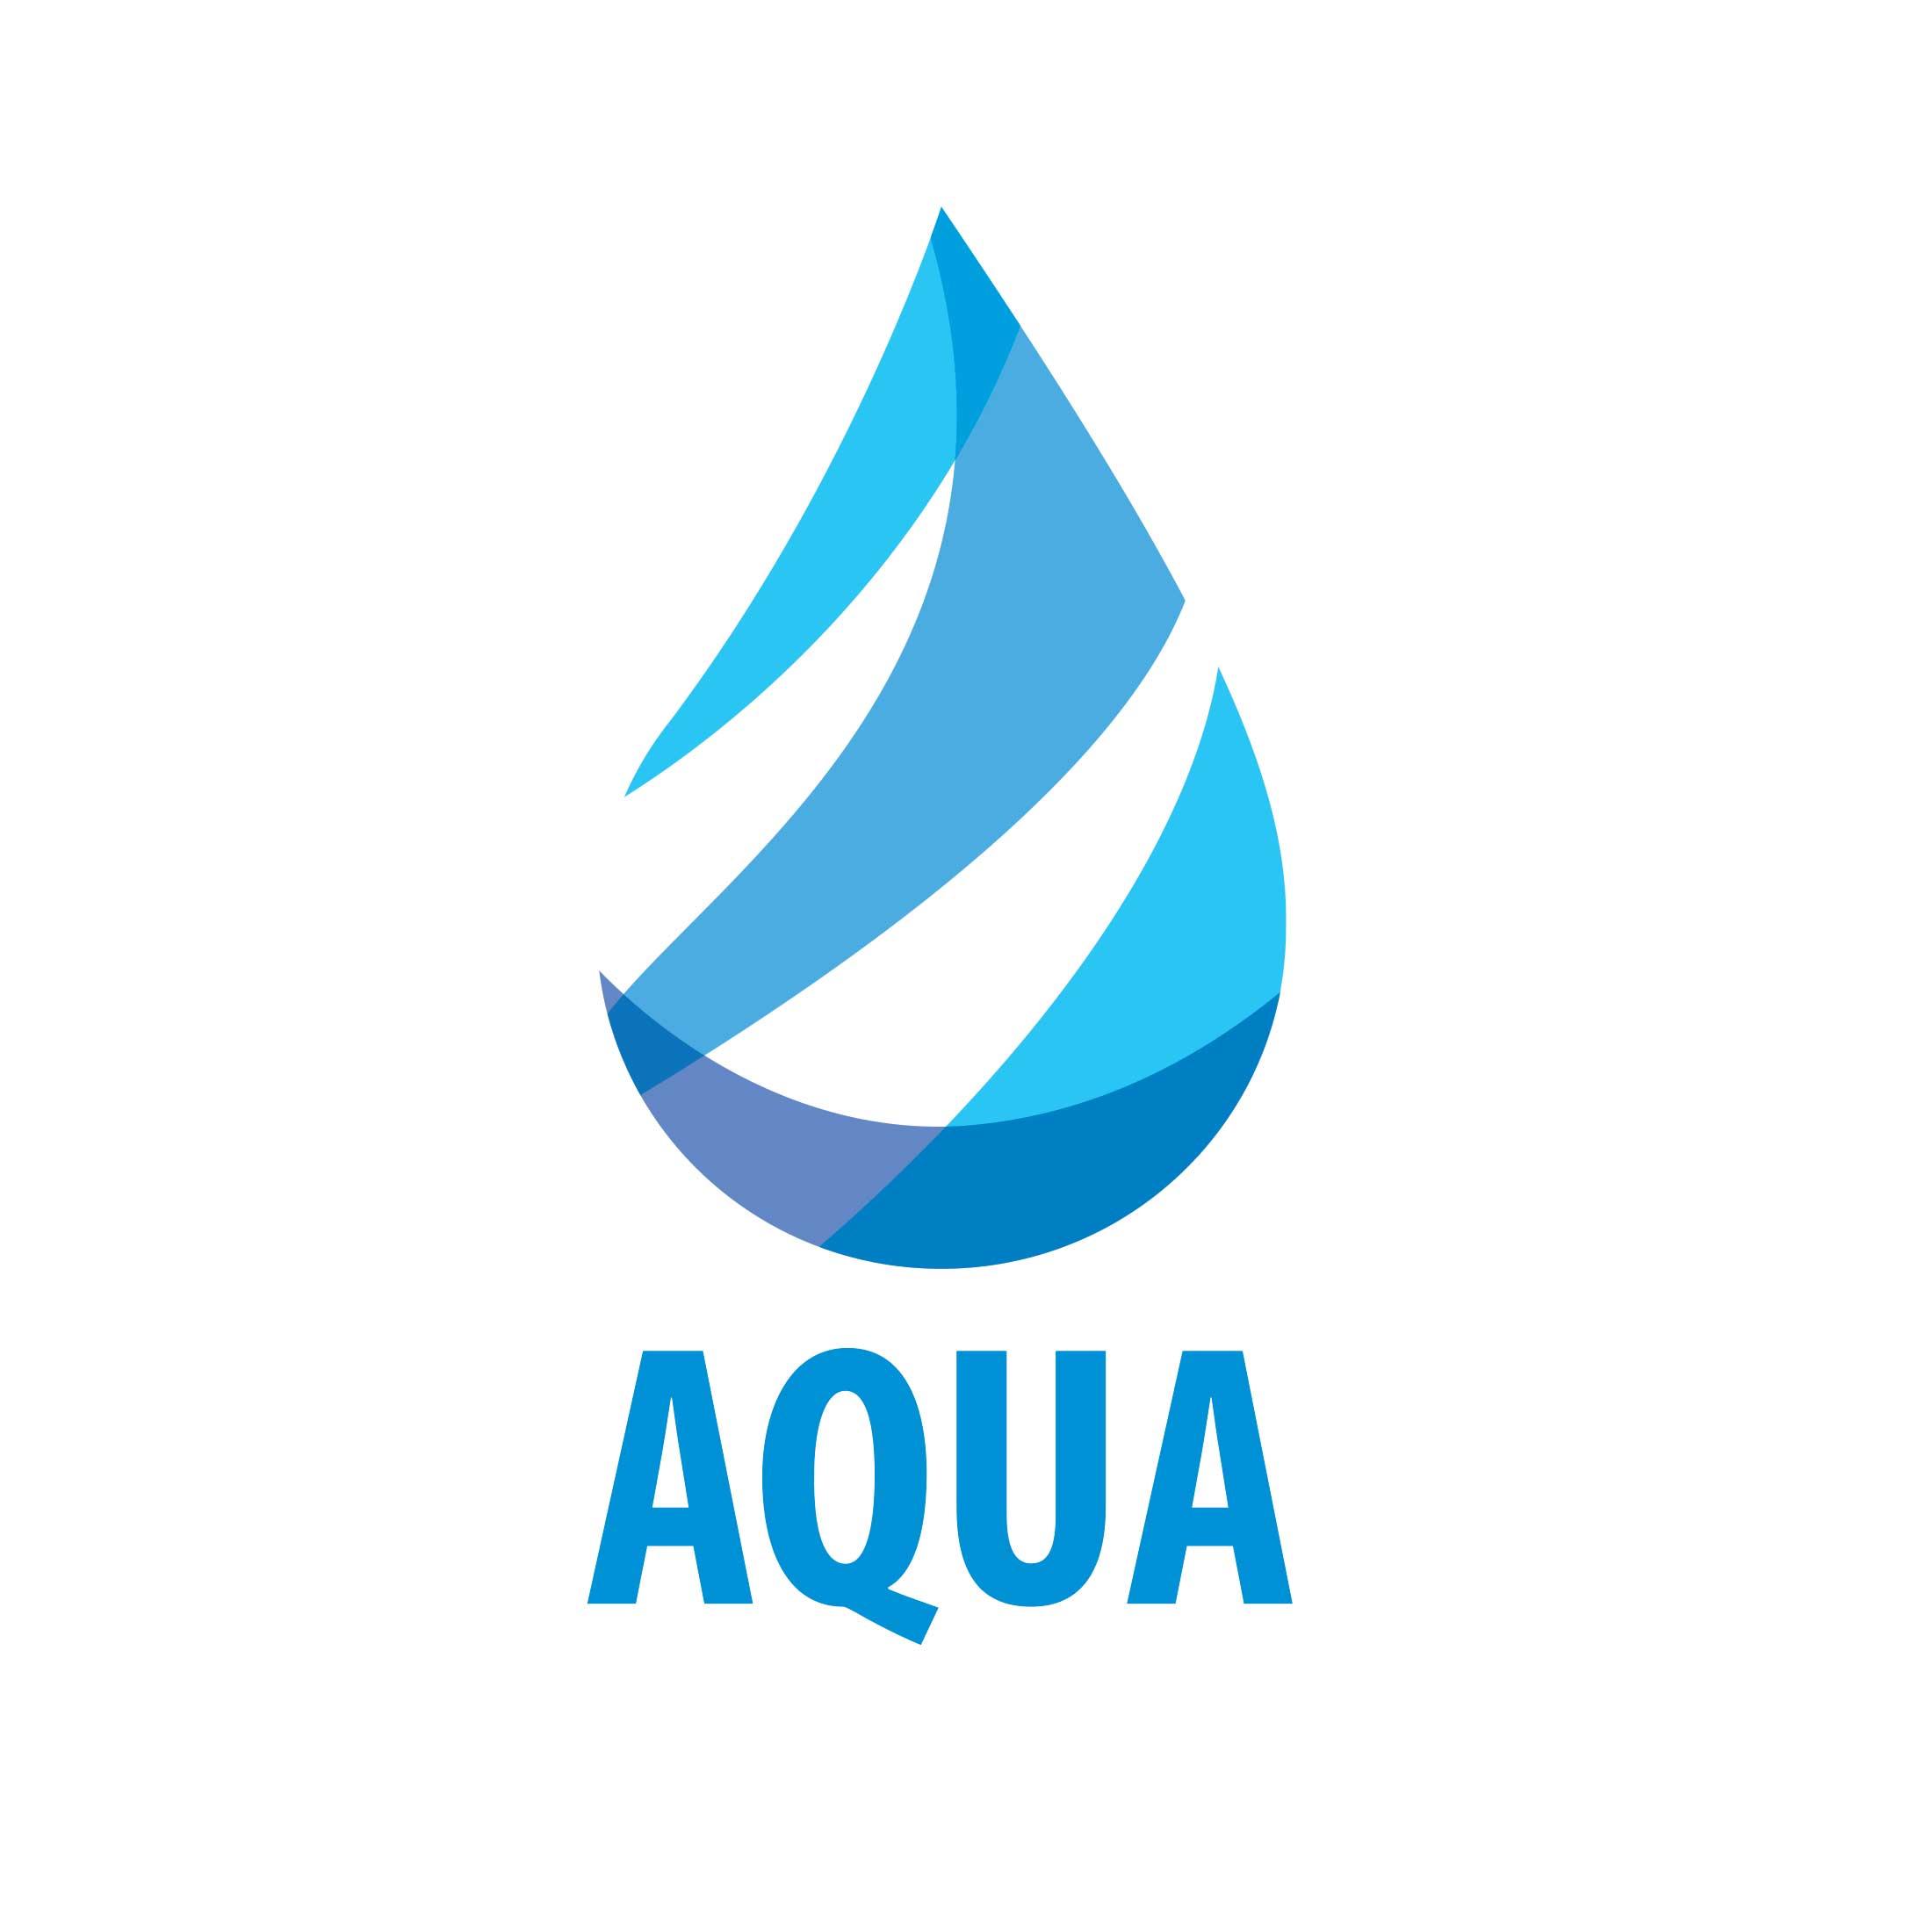 Water-drop-logo-vector